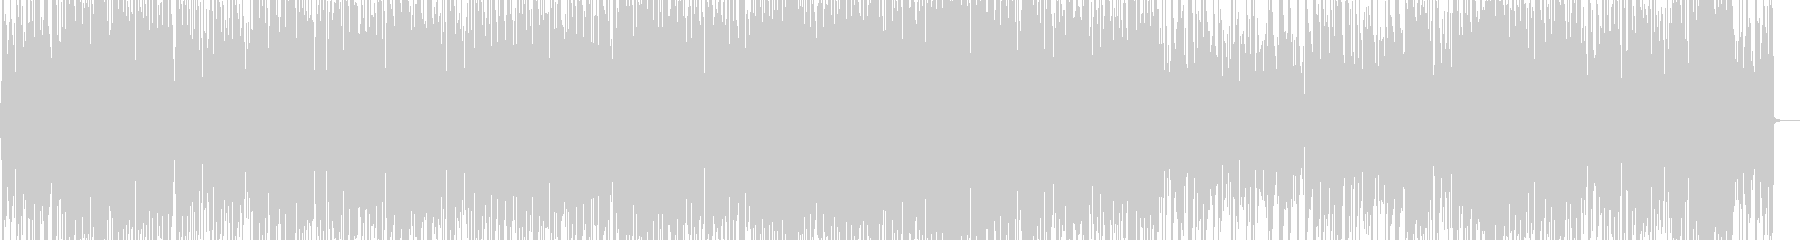 ボサノバ風ポップスのピアノトリオアレンジの未再生の波形